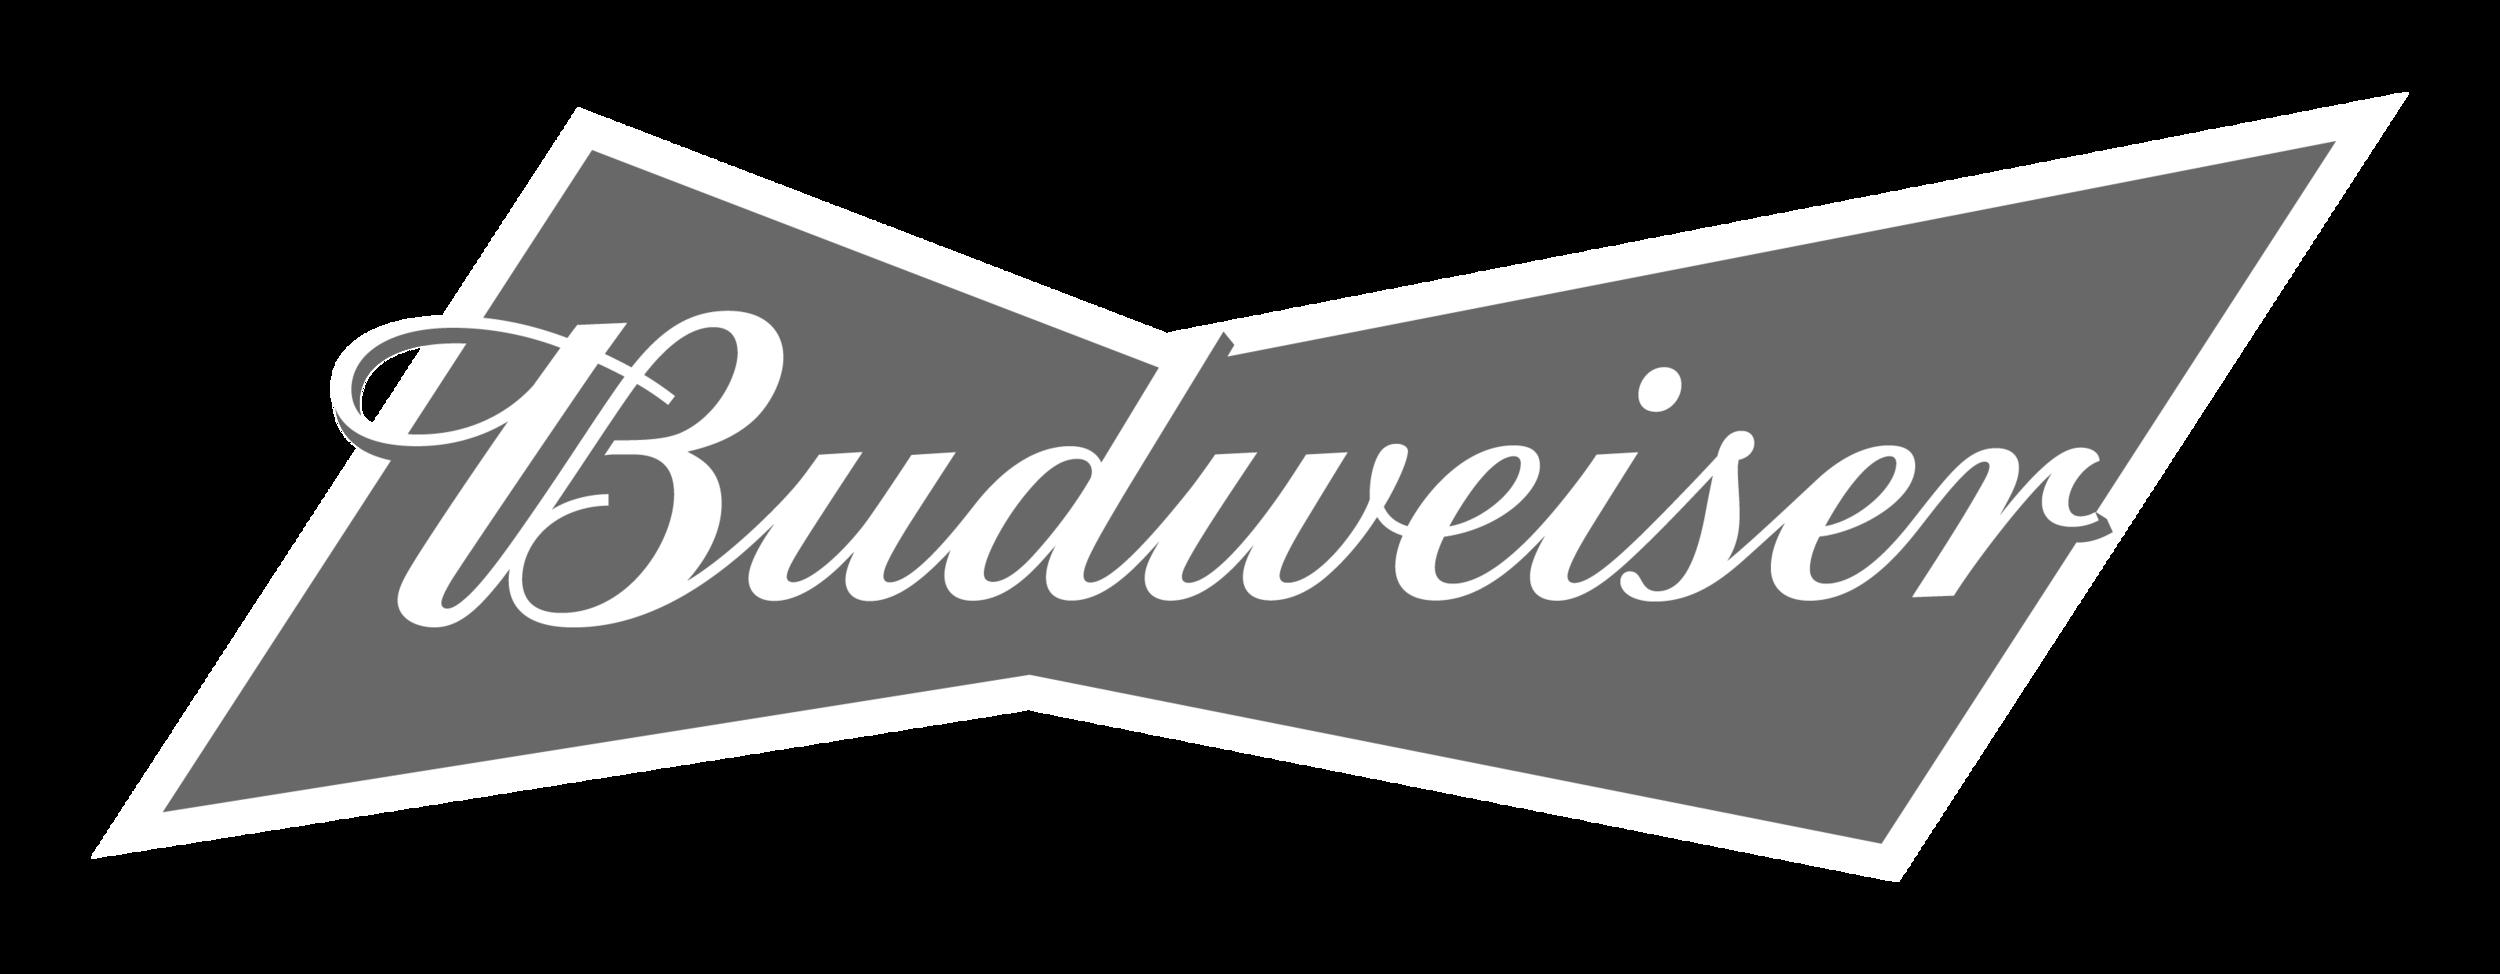 Budweiser_Anheuser-Busch_logo_BLACK.png